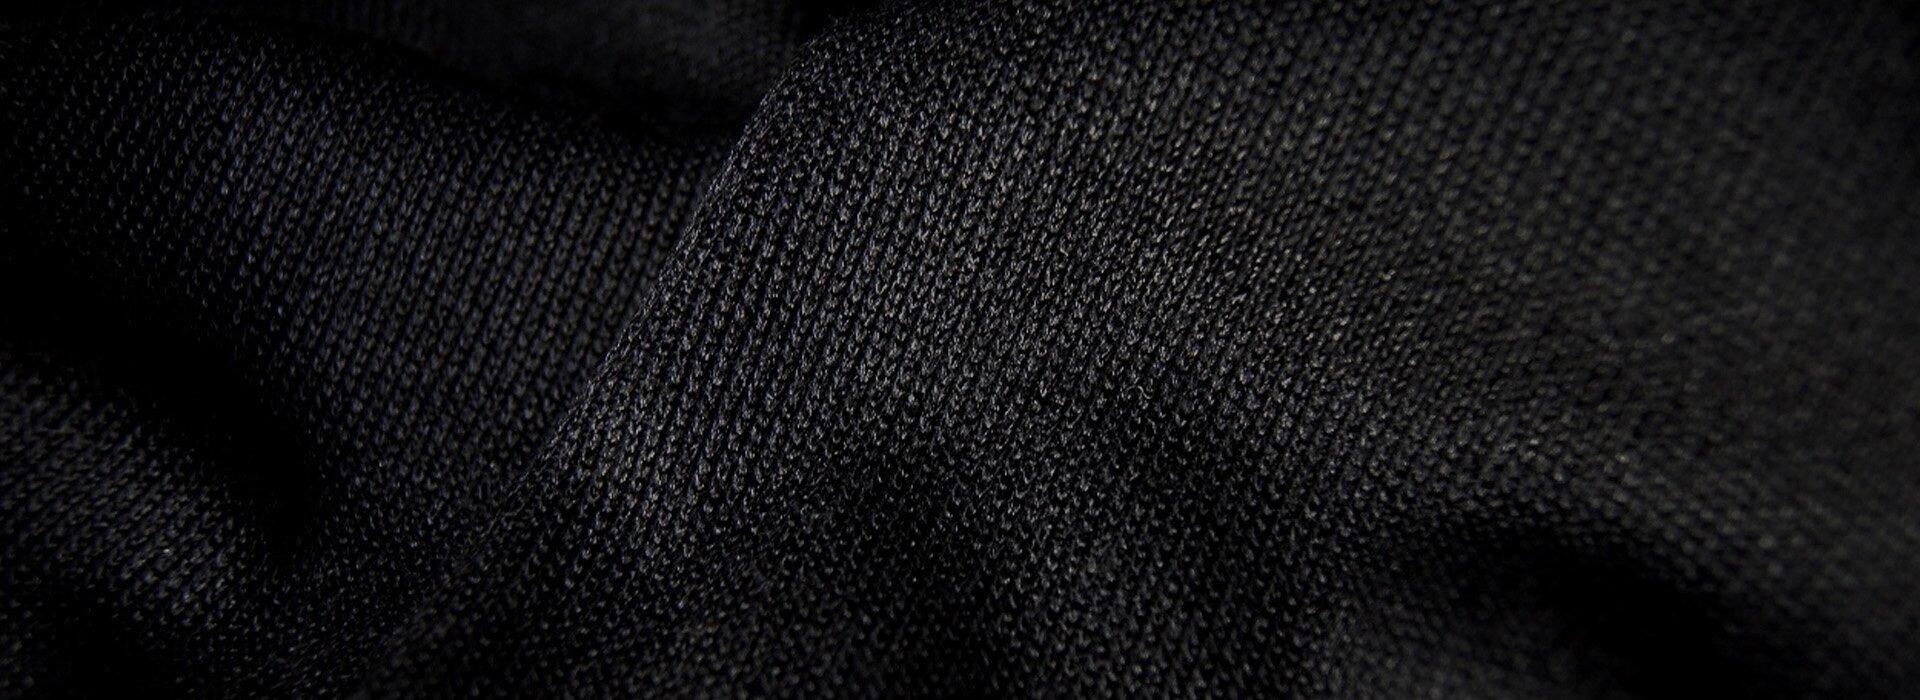 GMALE y Grzegorz Paliś, blog o modzie męskiej, Elementarz mody męskiej, Materiały męskie, Co to za materiał, Przewodnik po materiałach, Materiały syntetyczne, Materiały chemiczne, Materiały sztuczne, Wiskoza, Akryl, Poliester, Poliamid